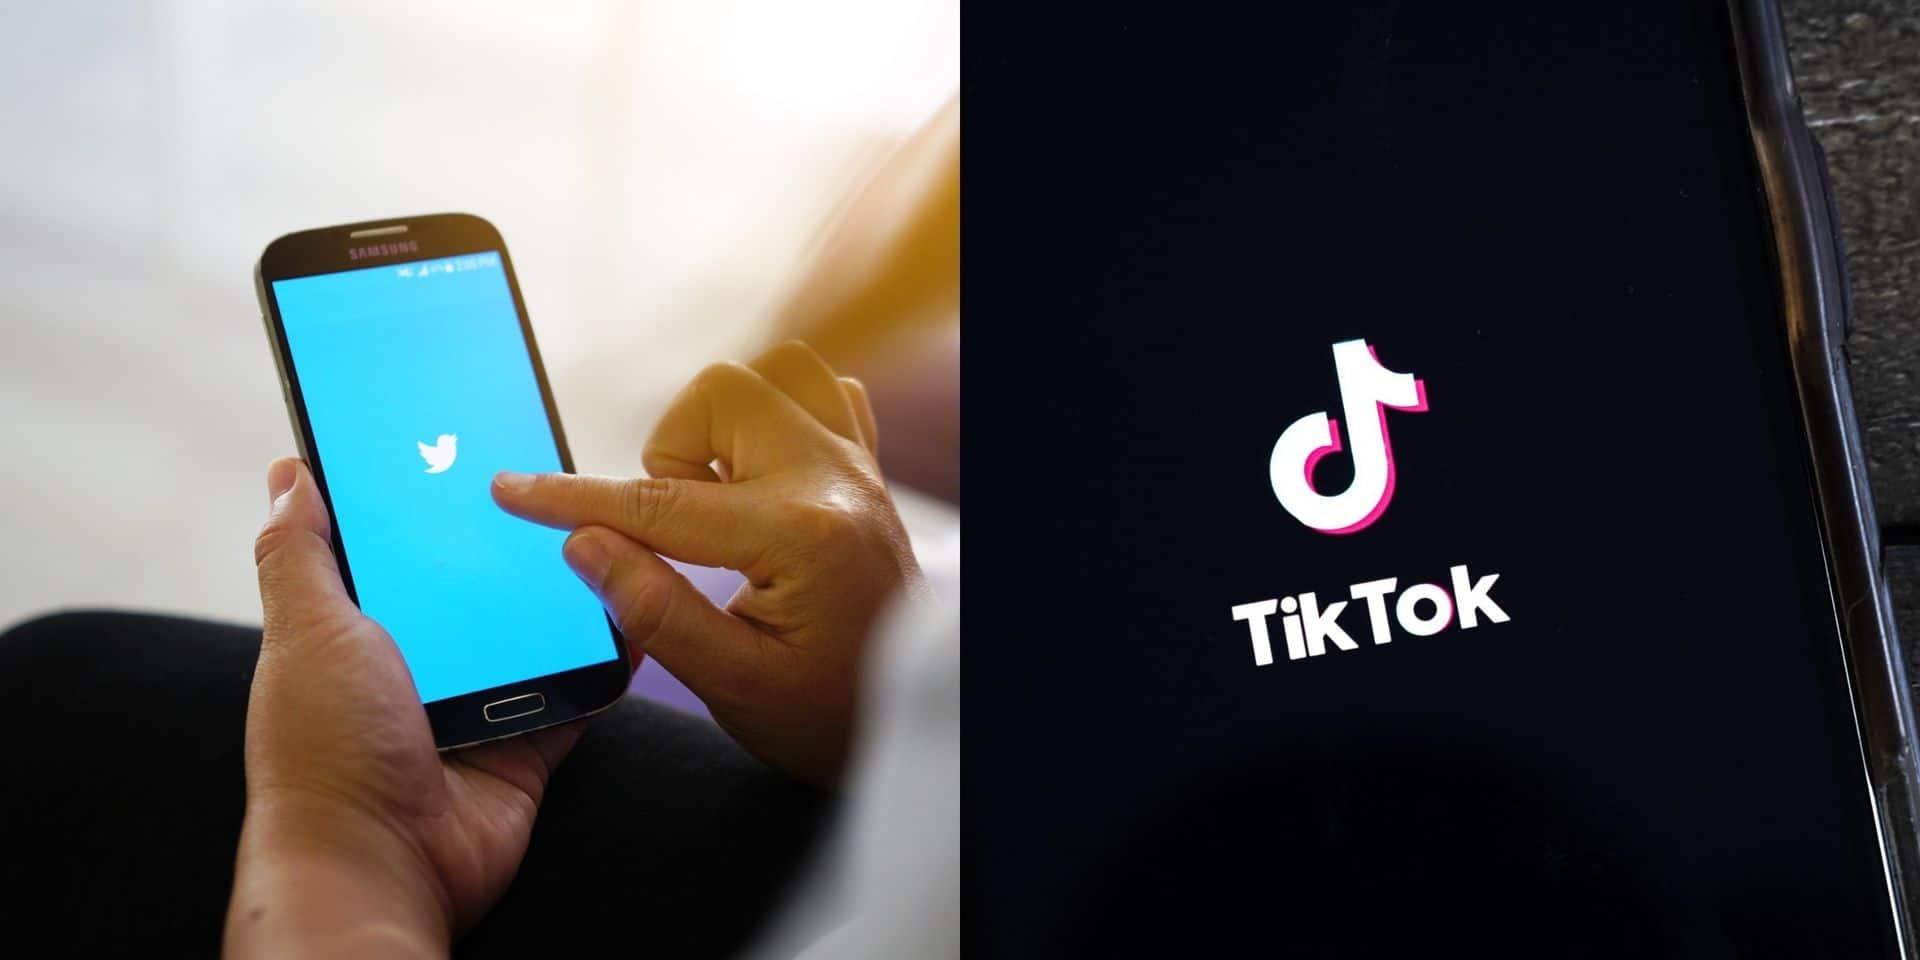 Discussions entre Twitter et TikTok sur un possible regroupement, d'après le Wall Street Journal